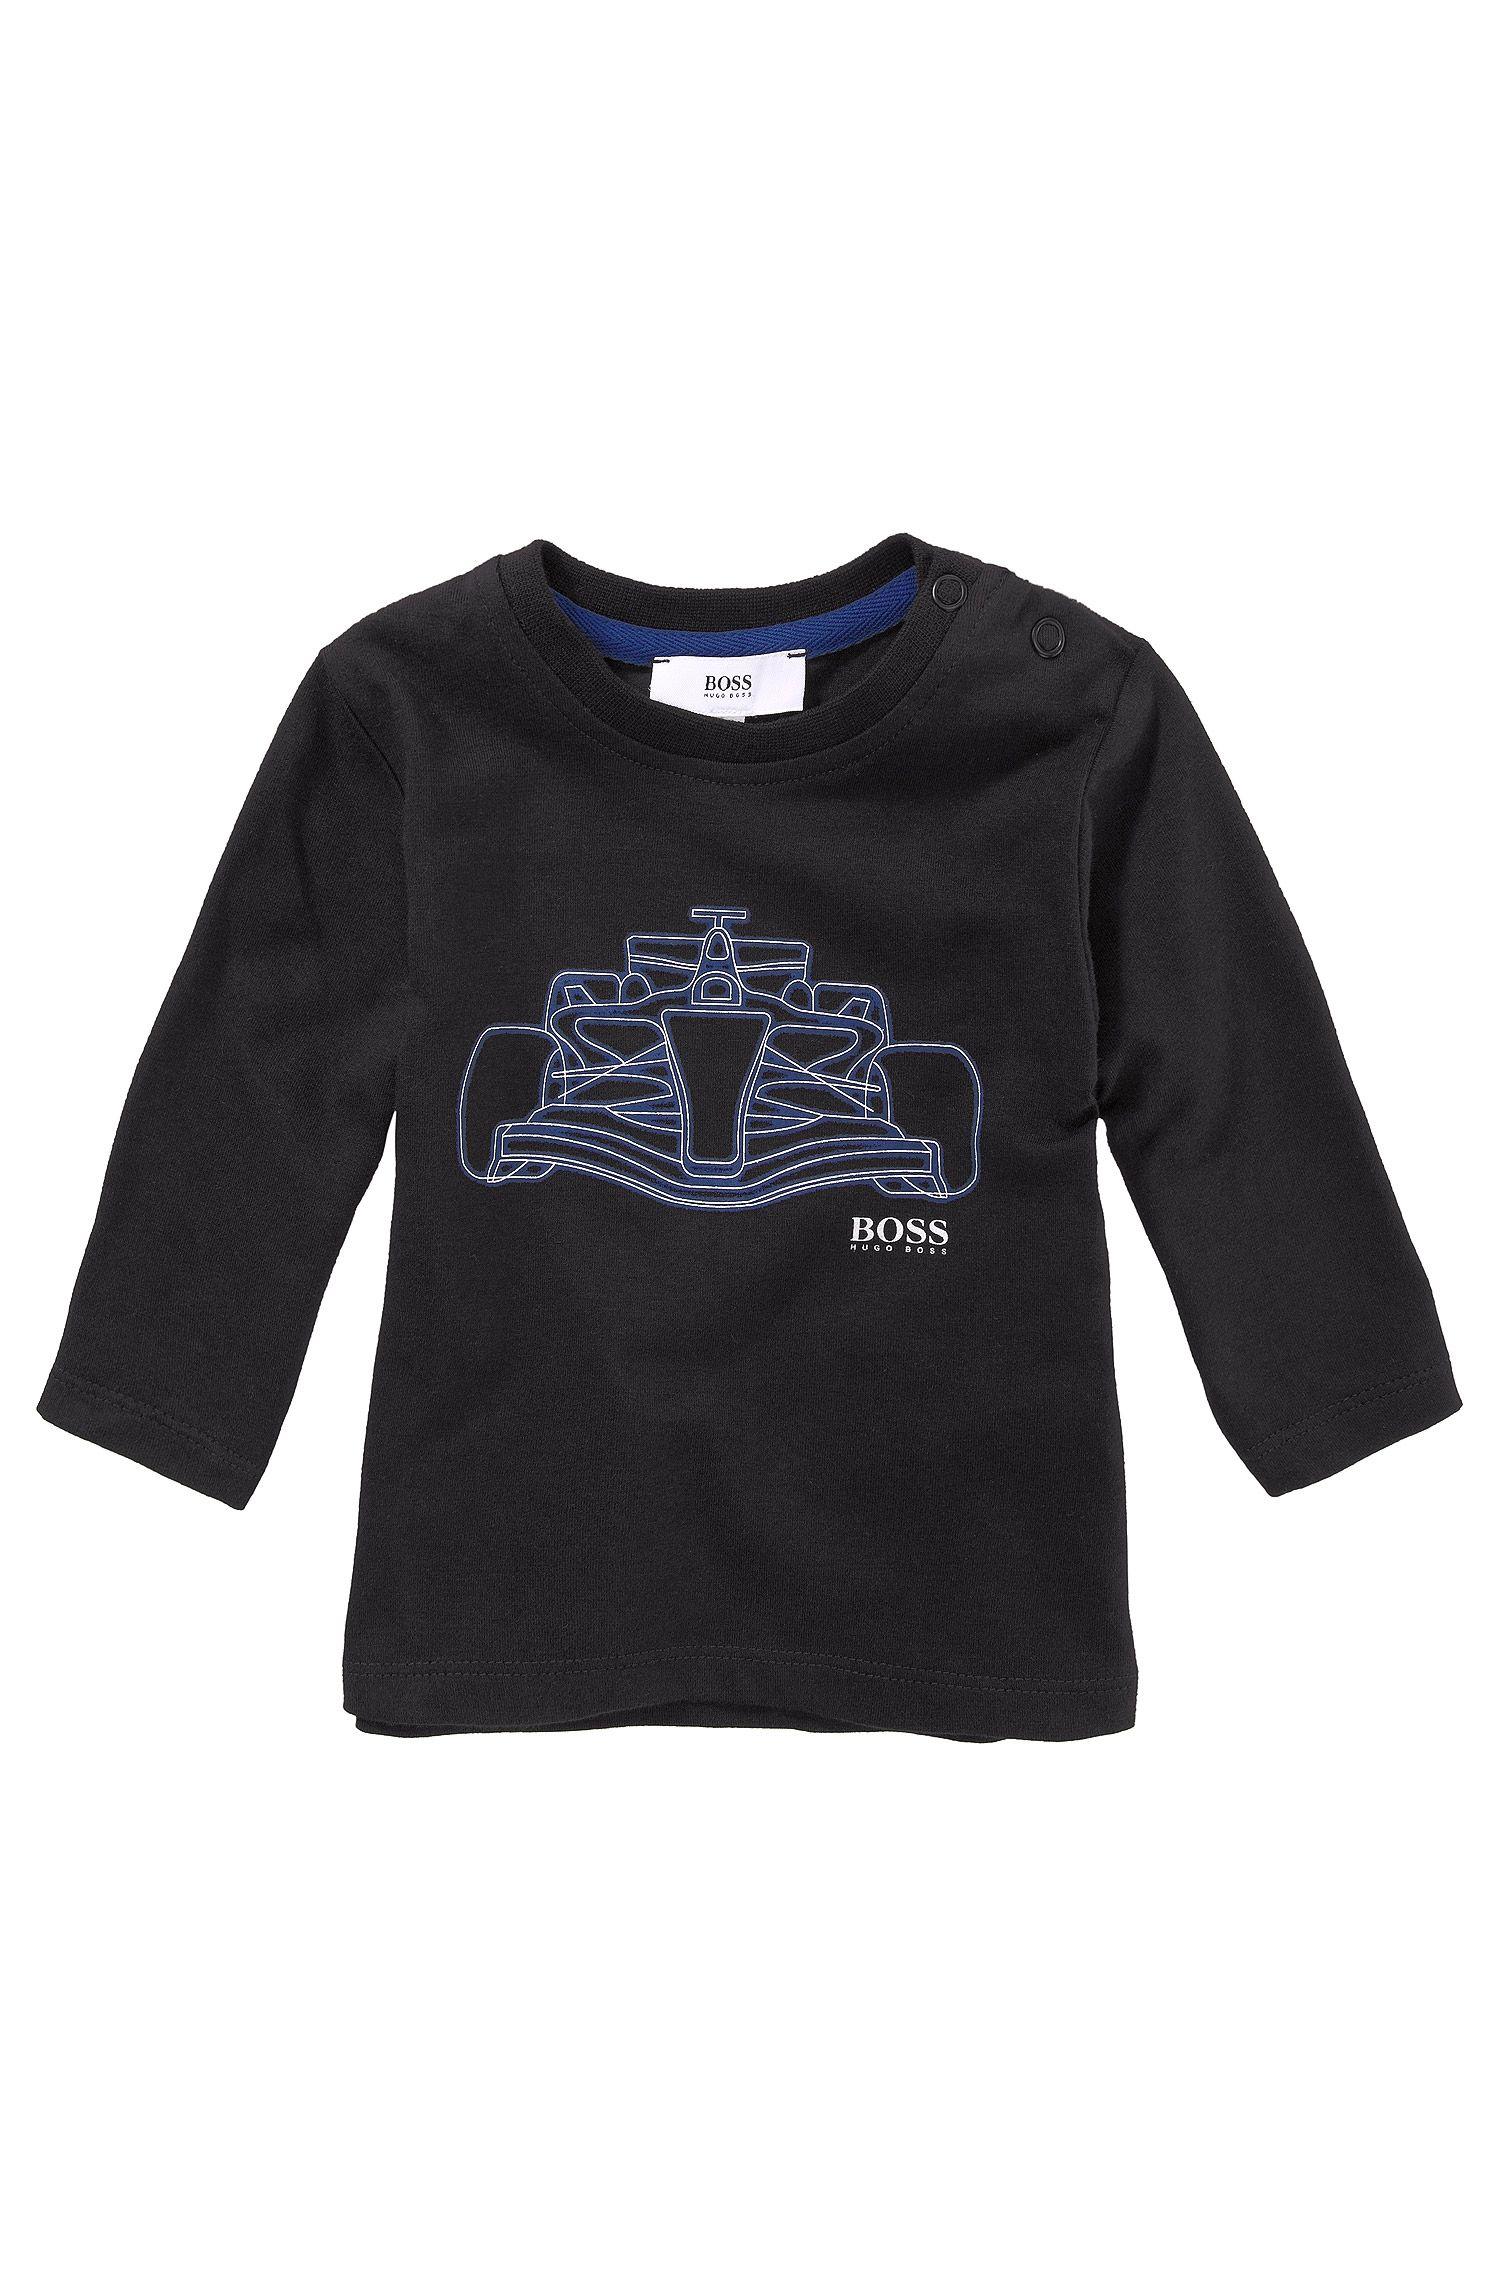 T-shirt à manches longues pour enfant «J05266/09B» en coton mélangé